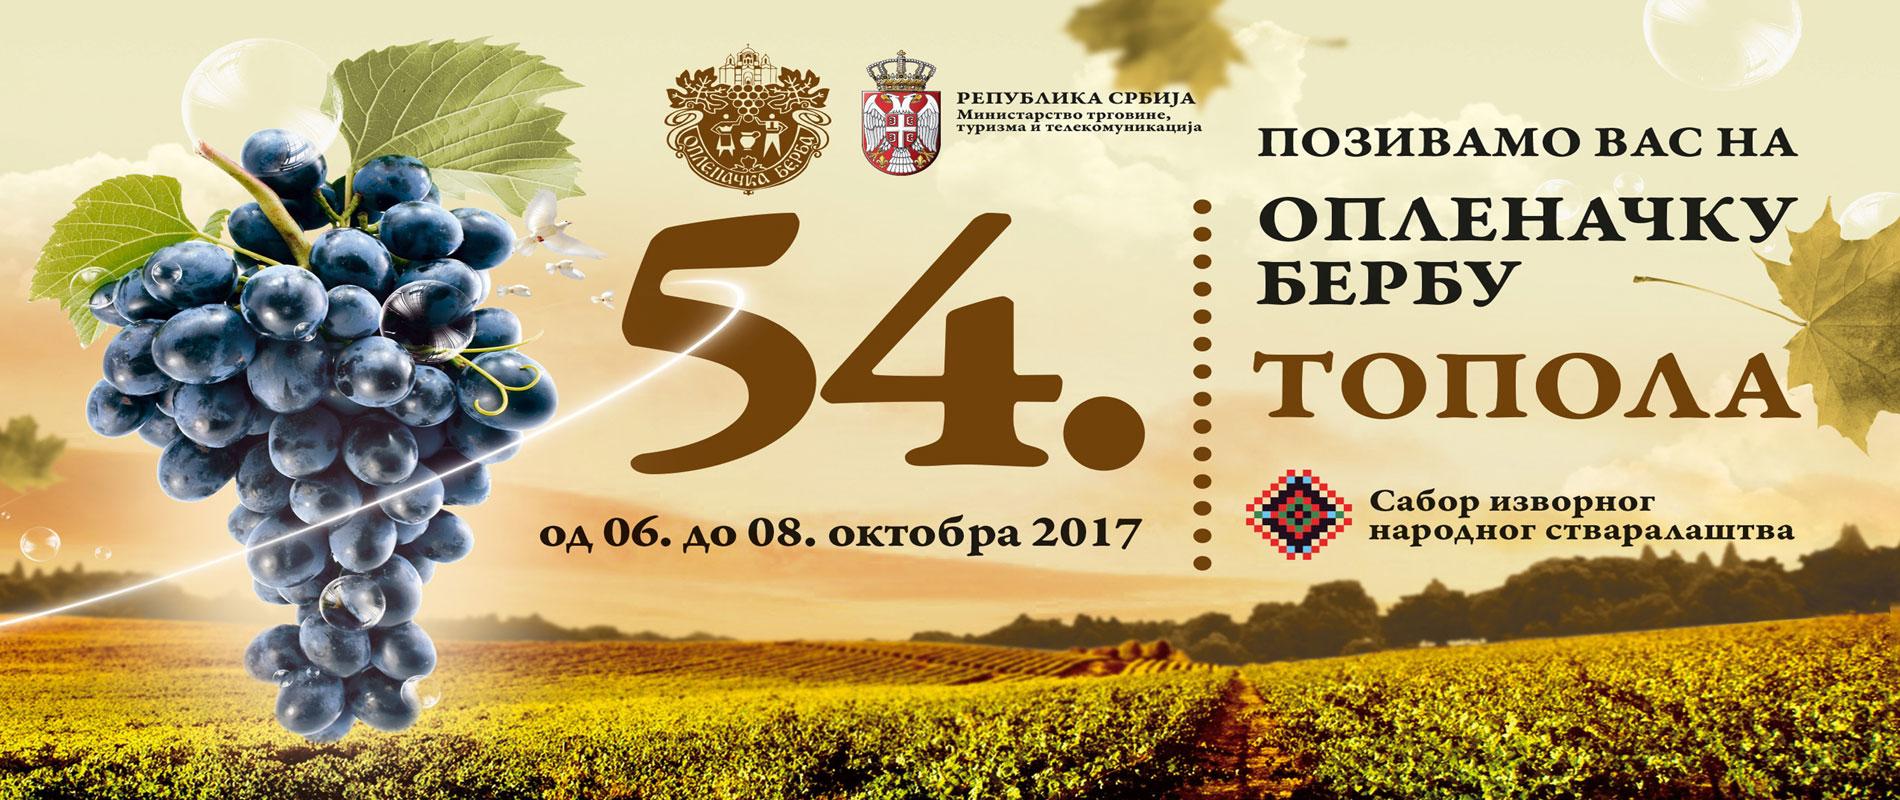 54. ОПЛЕНАЧКА БЕРБА